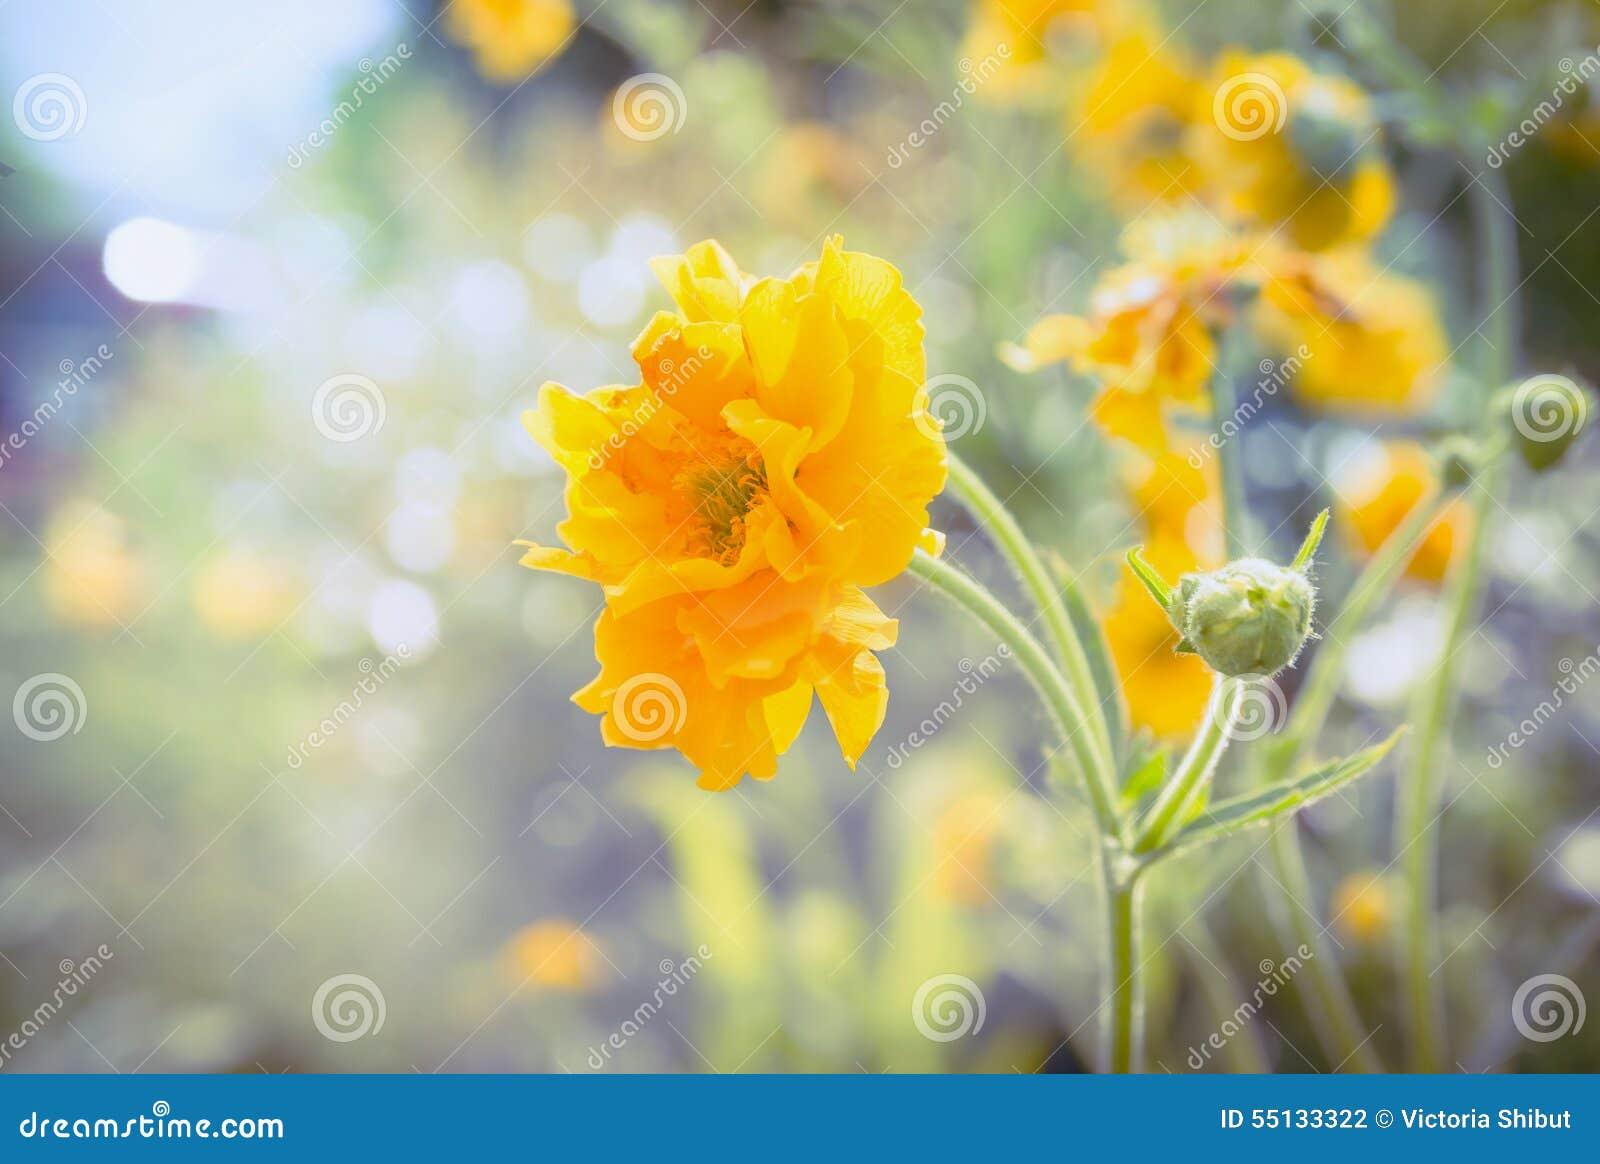 Le Geum jaune fleurit dans le lit de jardin ou de parc le jour ensoleillé